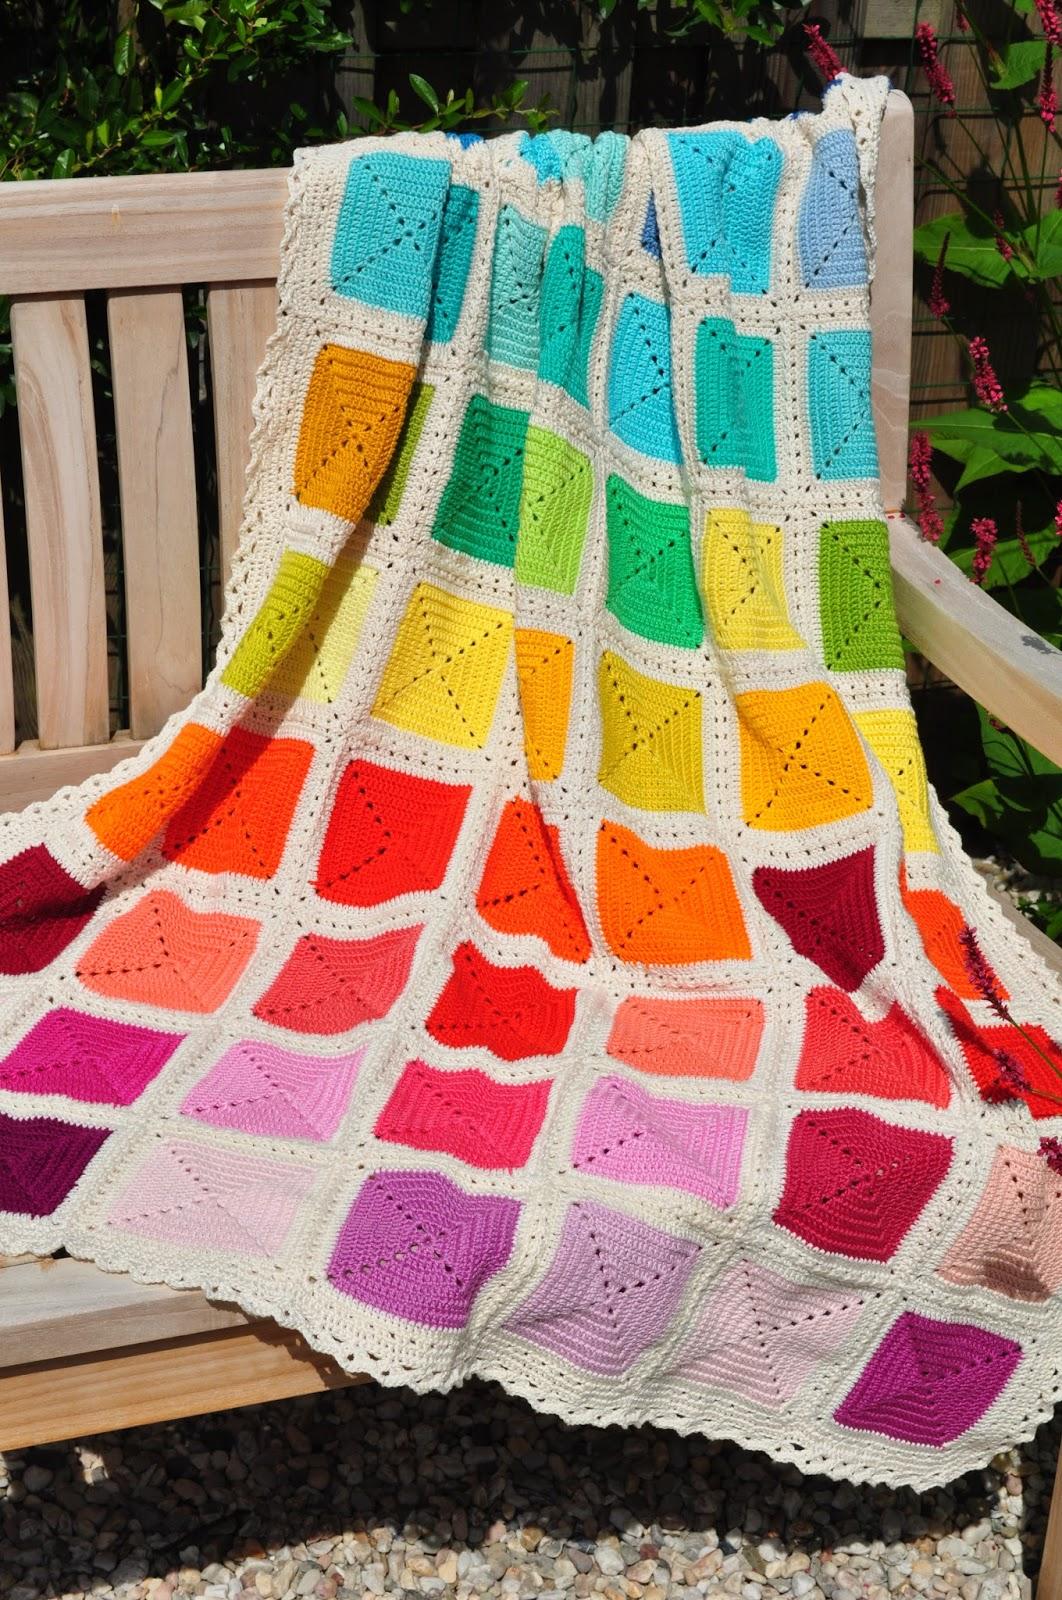 T Bezige Bijtje Tadaa De Rainbow Blanket Regenboogdeken Is Klaar